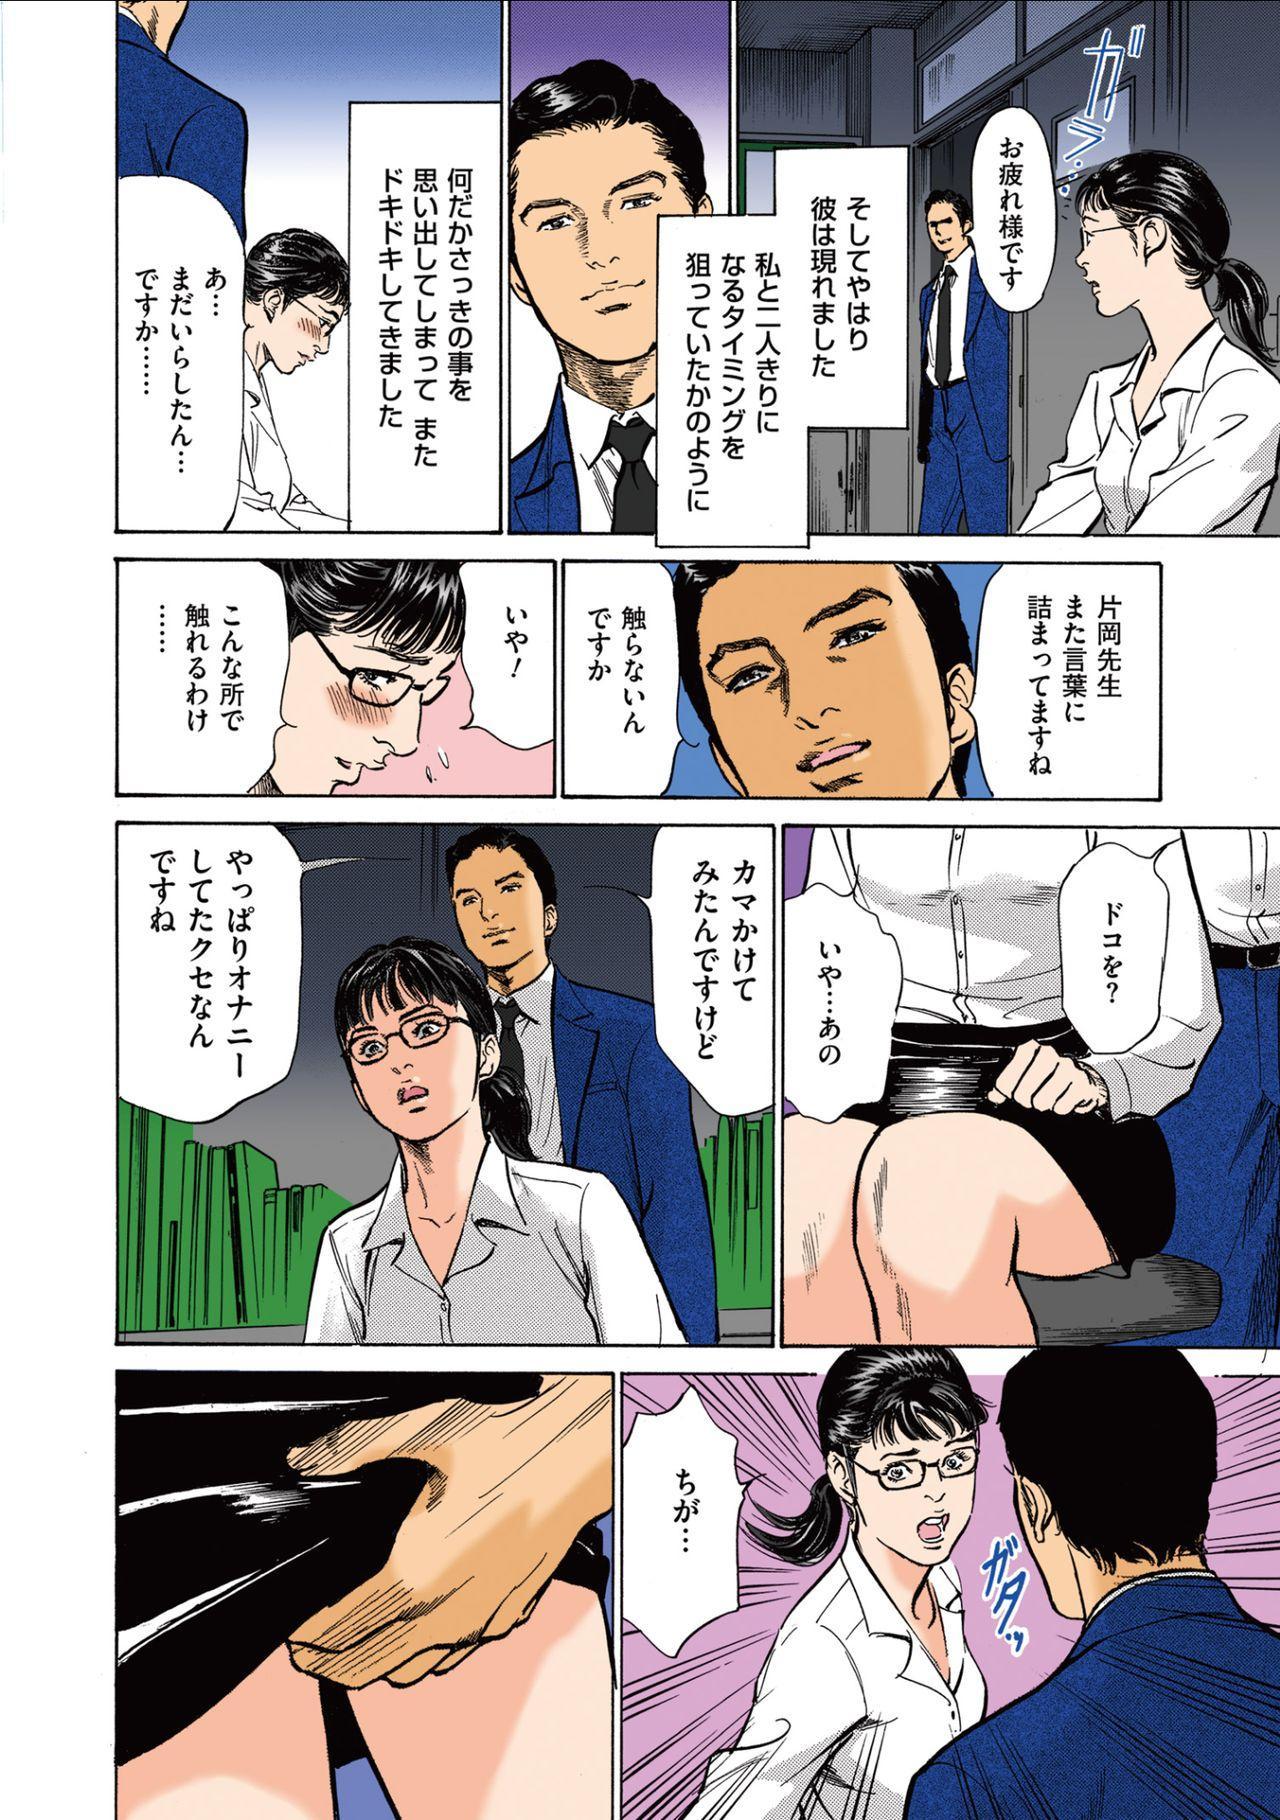 [Hazuki Kaoru] Hazuki Kaoru no Tamaranai Hanashi (Full Color Version) 1-2 41